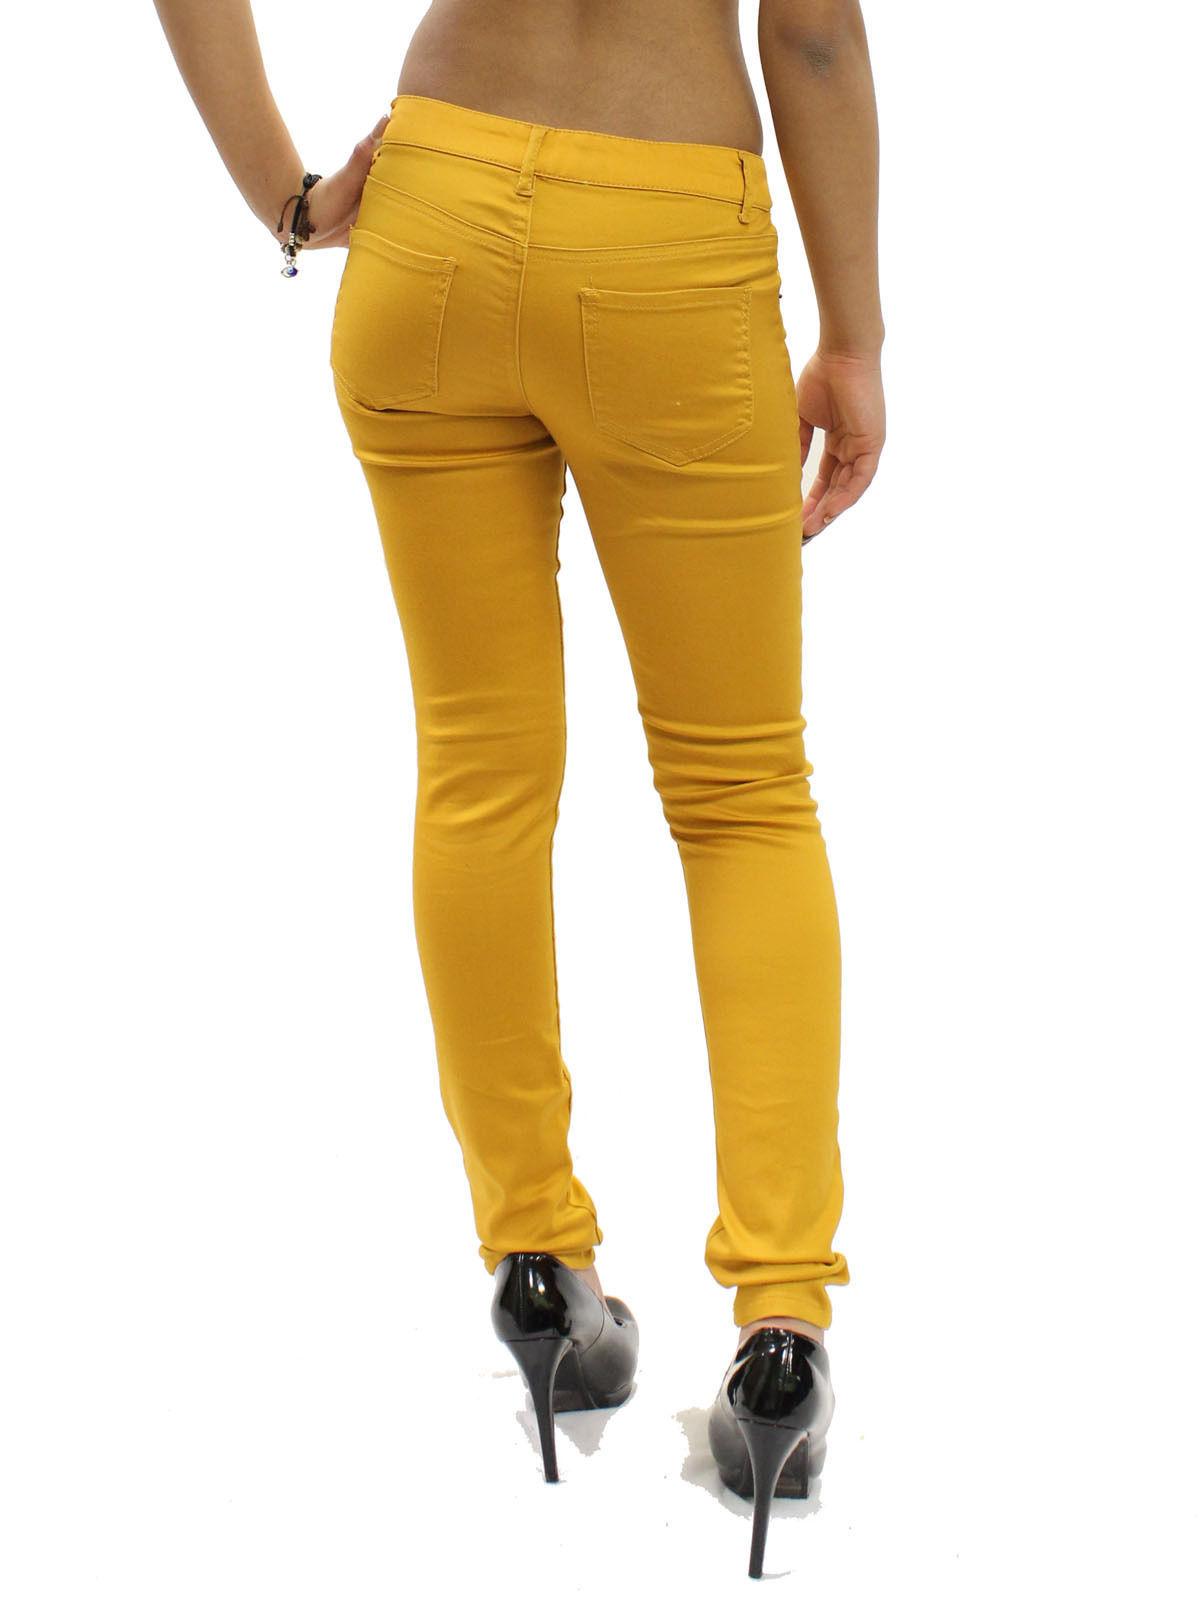 Fantastic Mustard Jeans  EBay